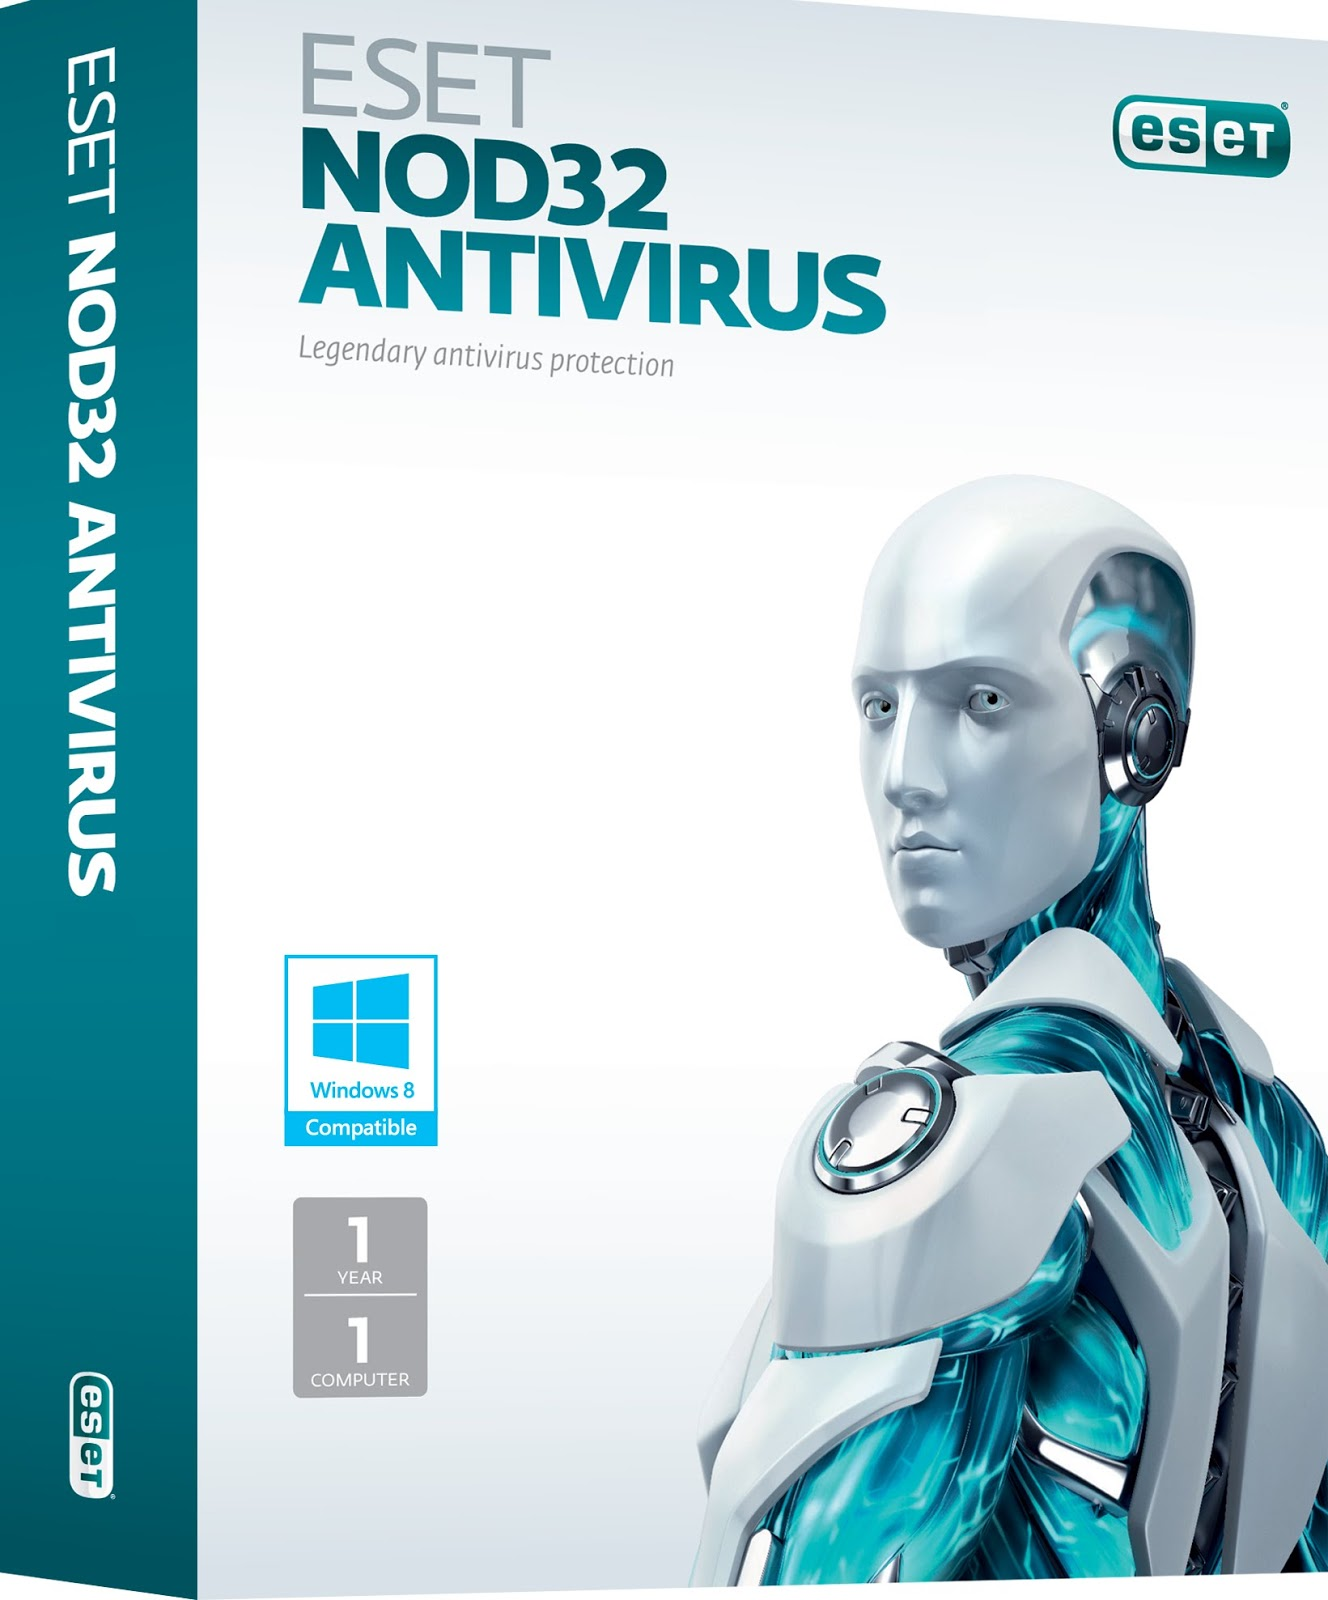 Darkonner Android: Descargar ESET NOD32 Antivirus Gratis ...